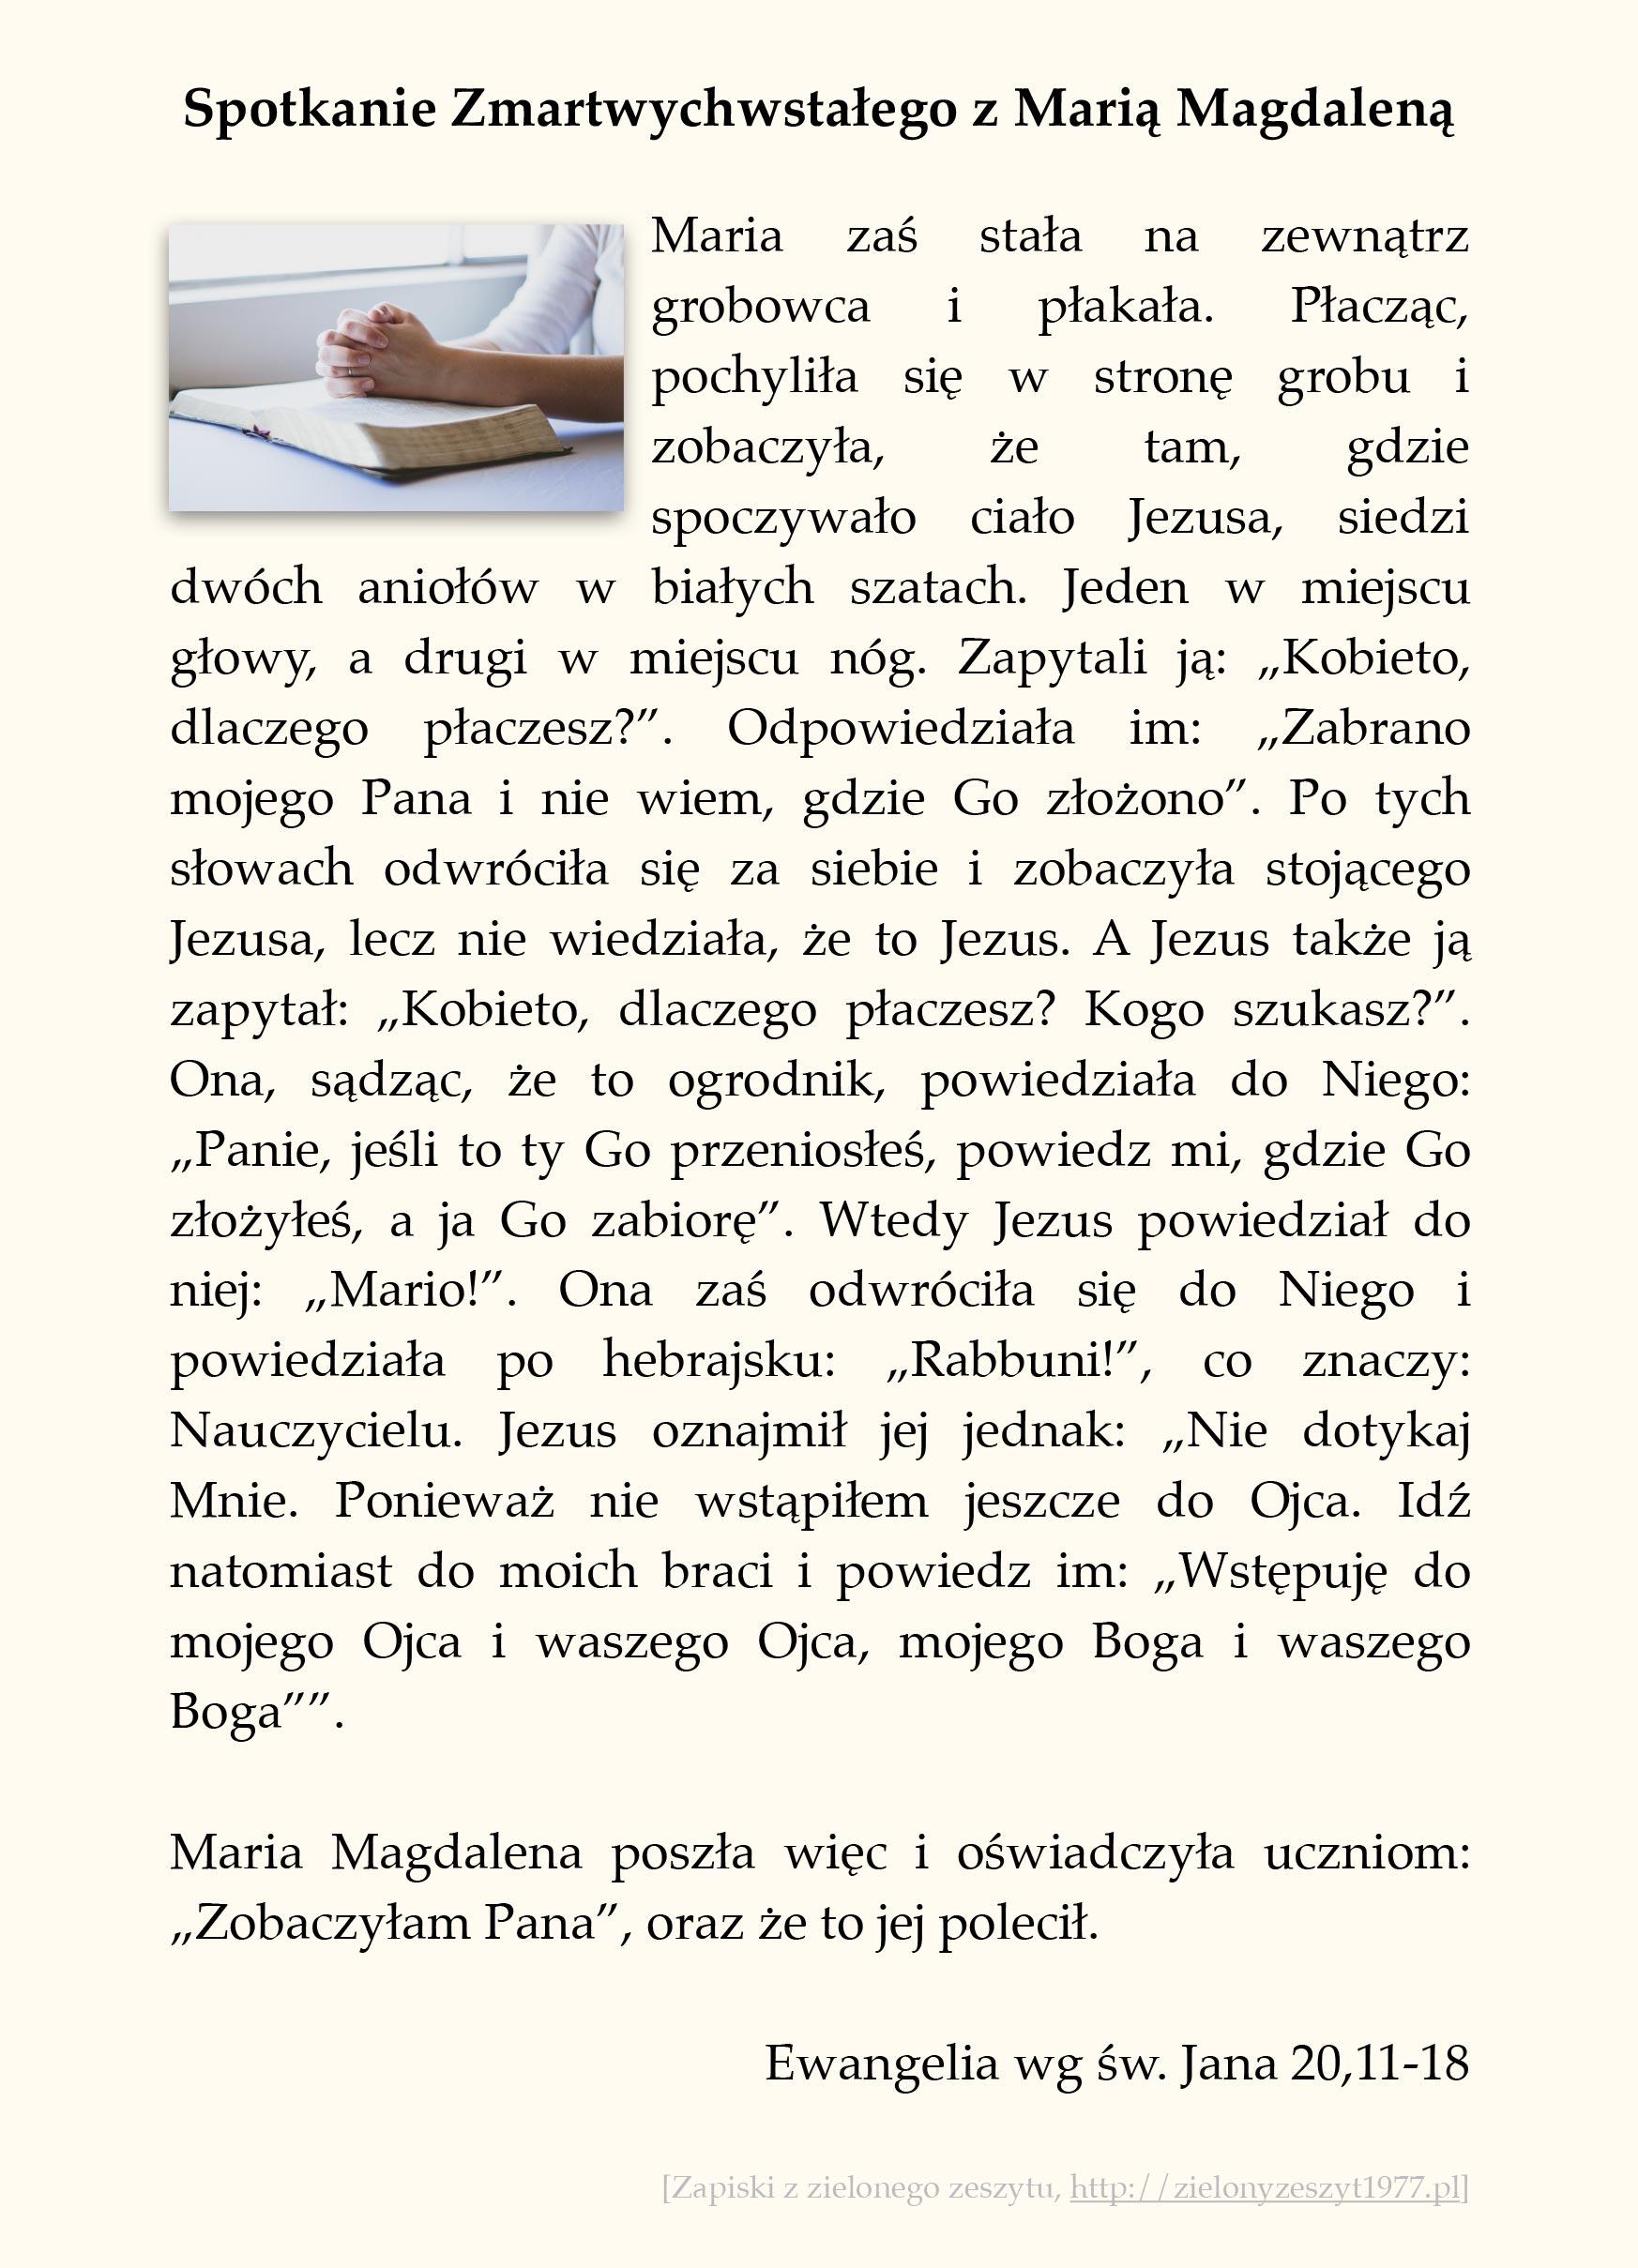 Spotkanie Zmartwychwstałego z Marią Magdaleną; Ewangelia wg św. Jana (#99)